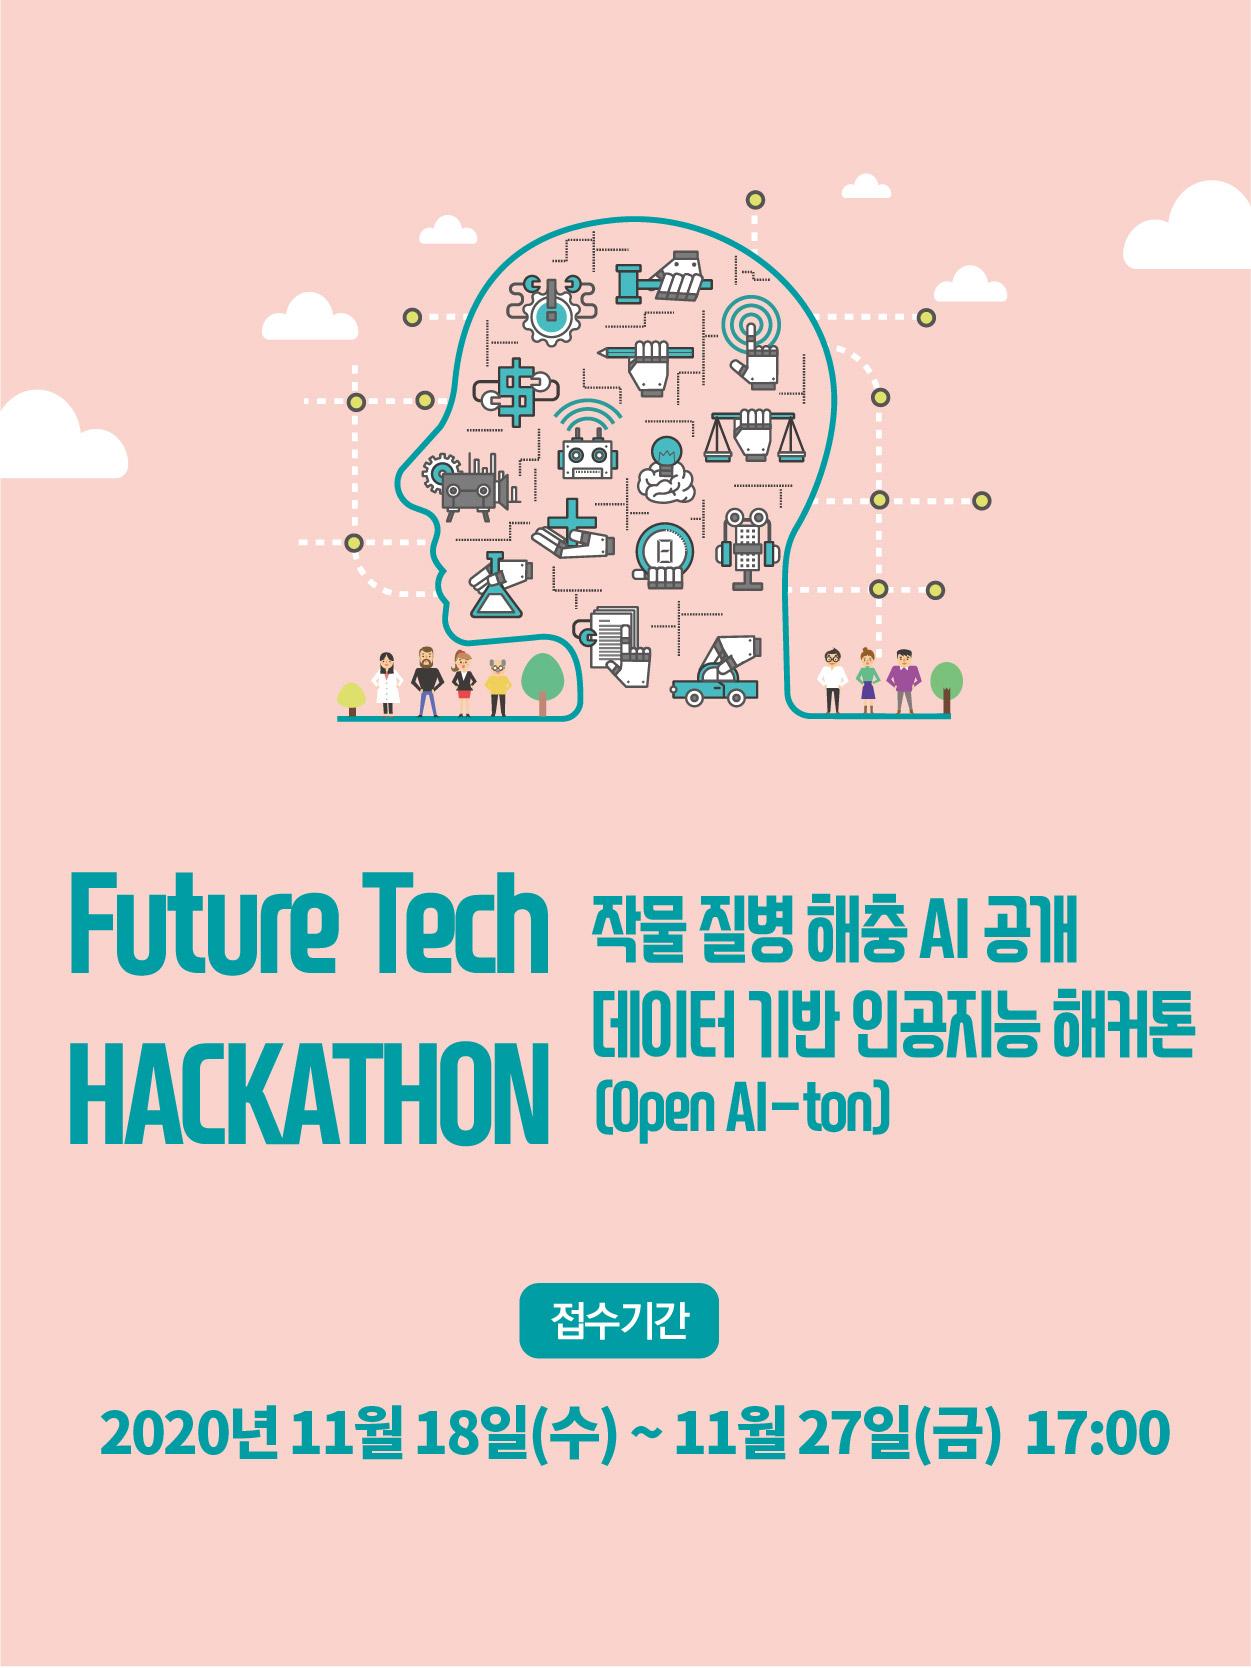 <작물 질병 해충 AI 공개데이터 기반 인공지능 해커톤> 참가자 모집(~11/27)